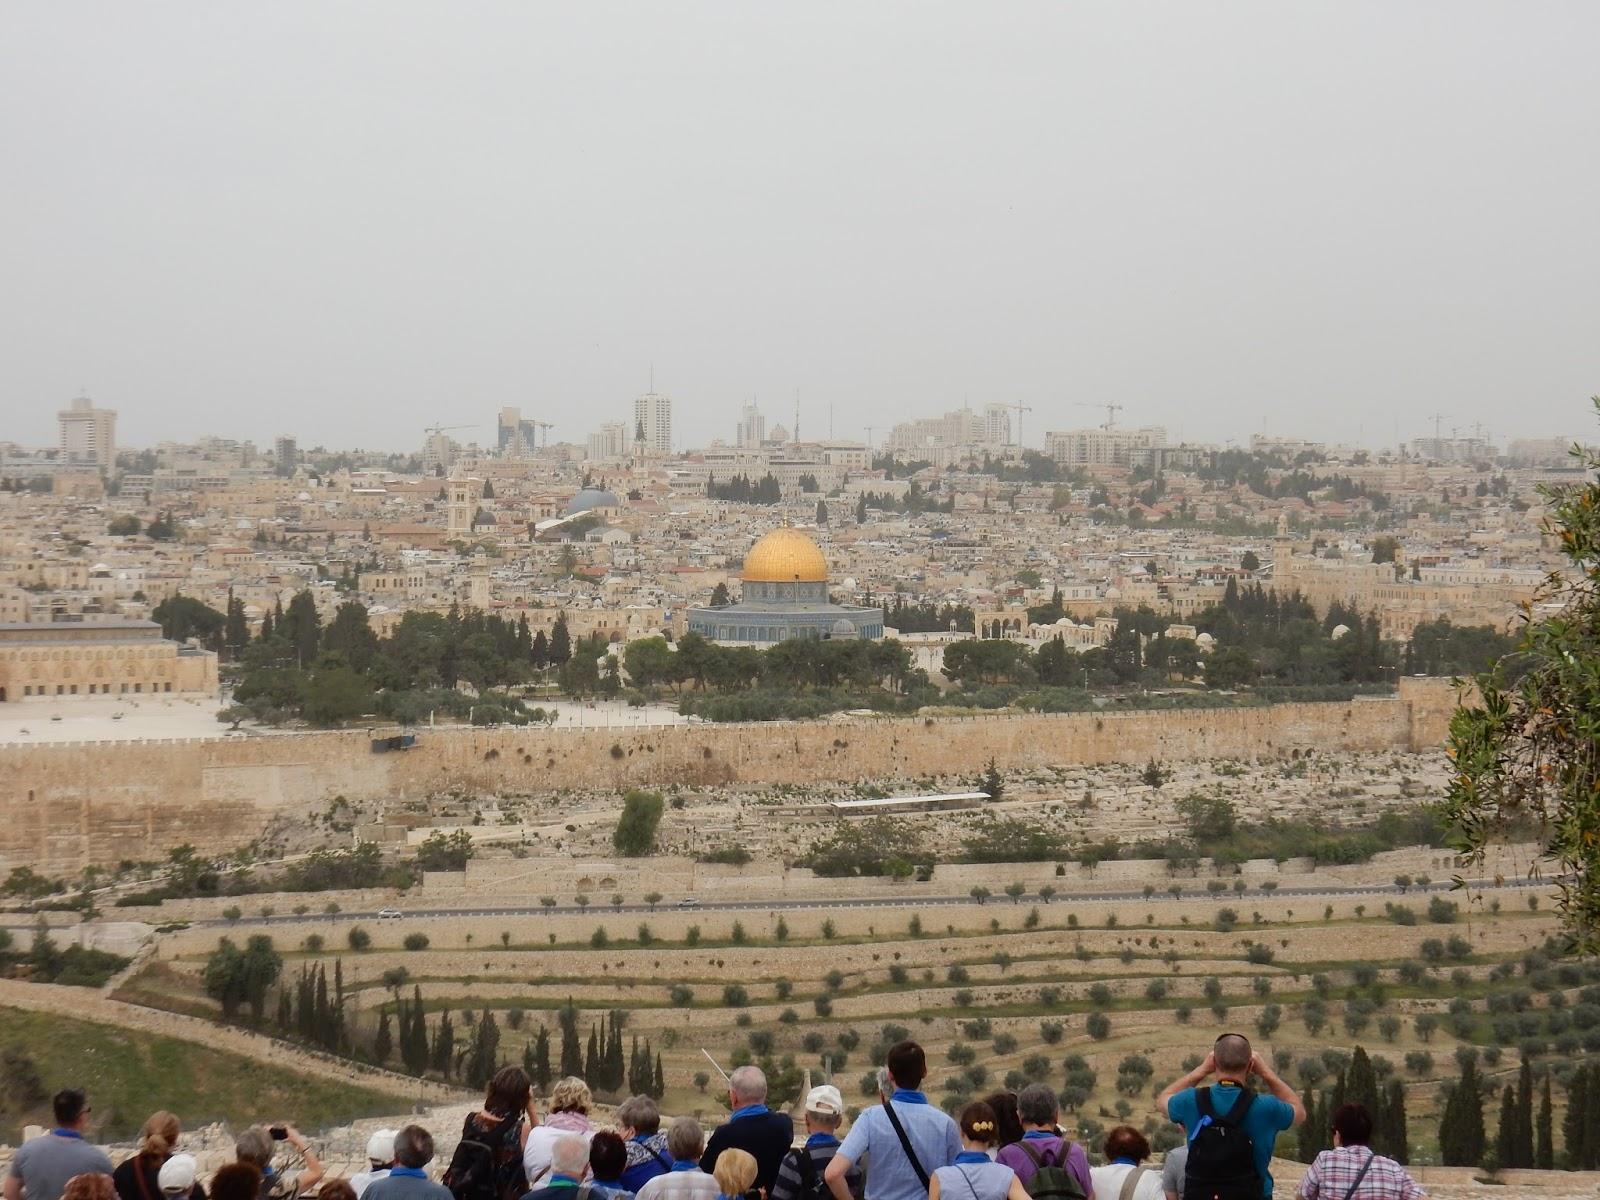 Road trip en un destino exótico: Israel